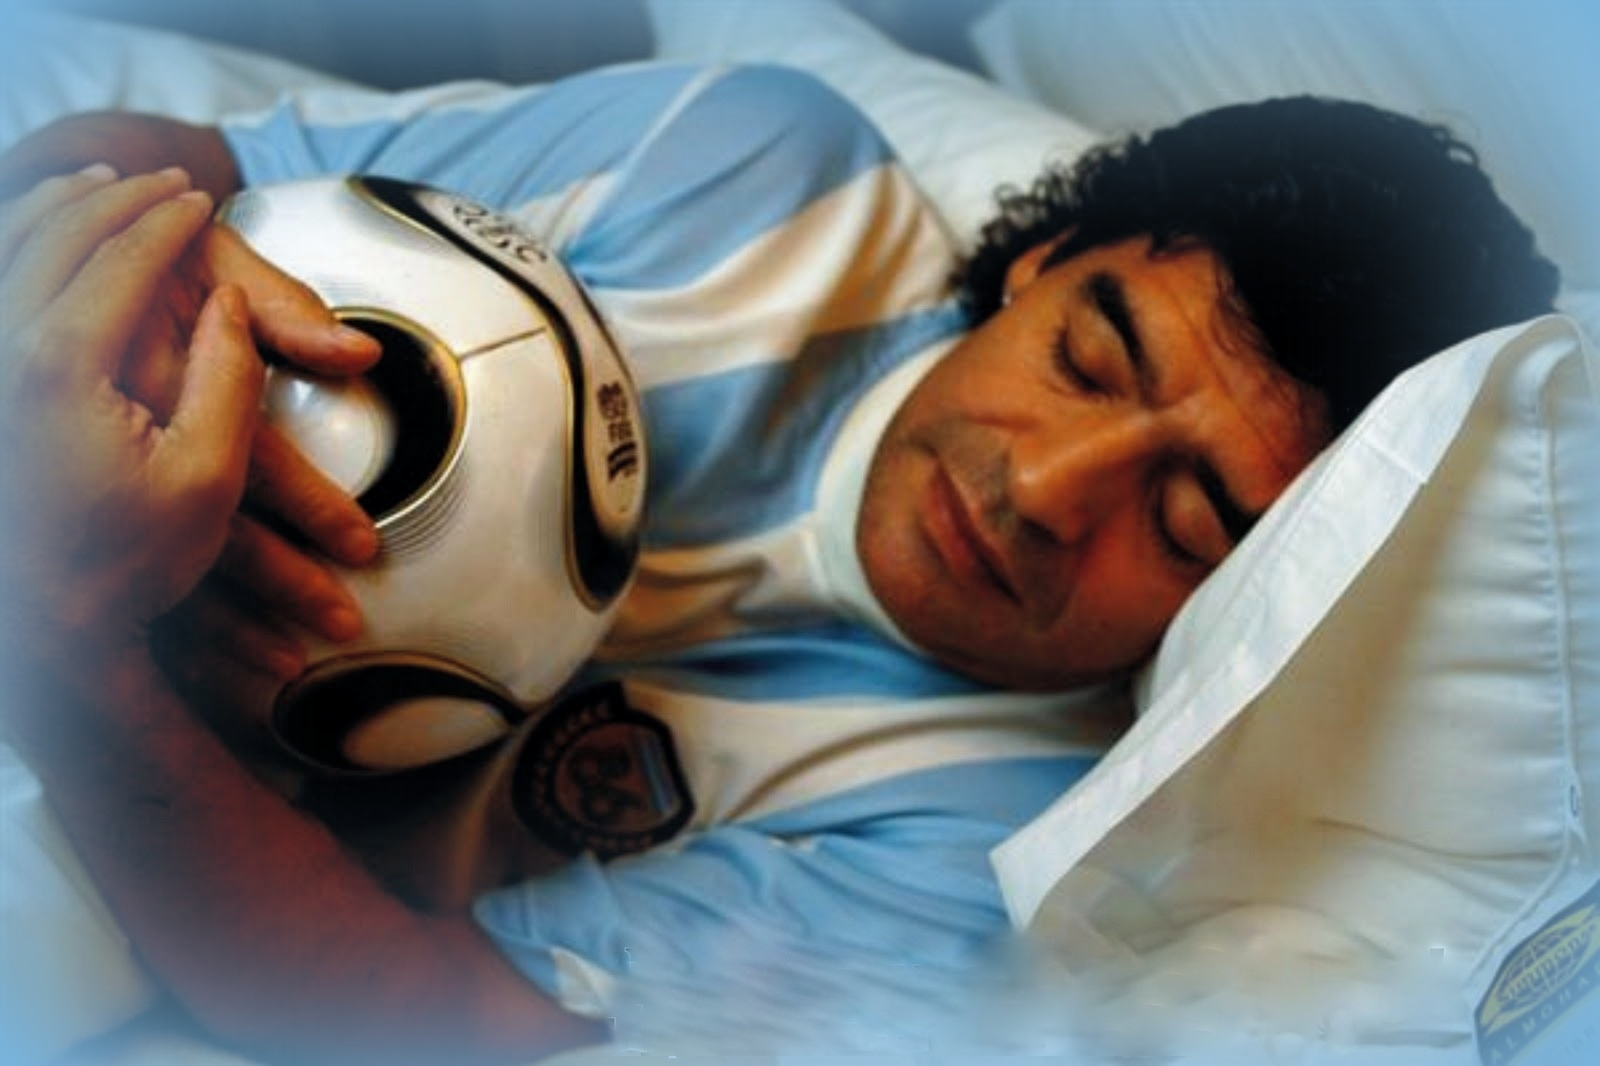 Frases de Futbol para Motivar a un Deportista Imagenes  - Imagenes De Futbol Motivacion